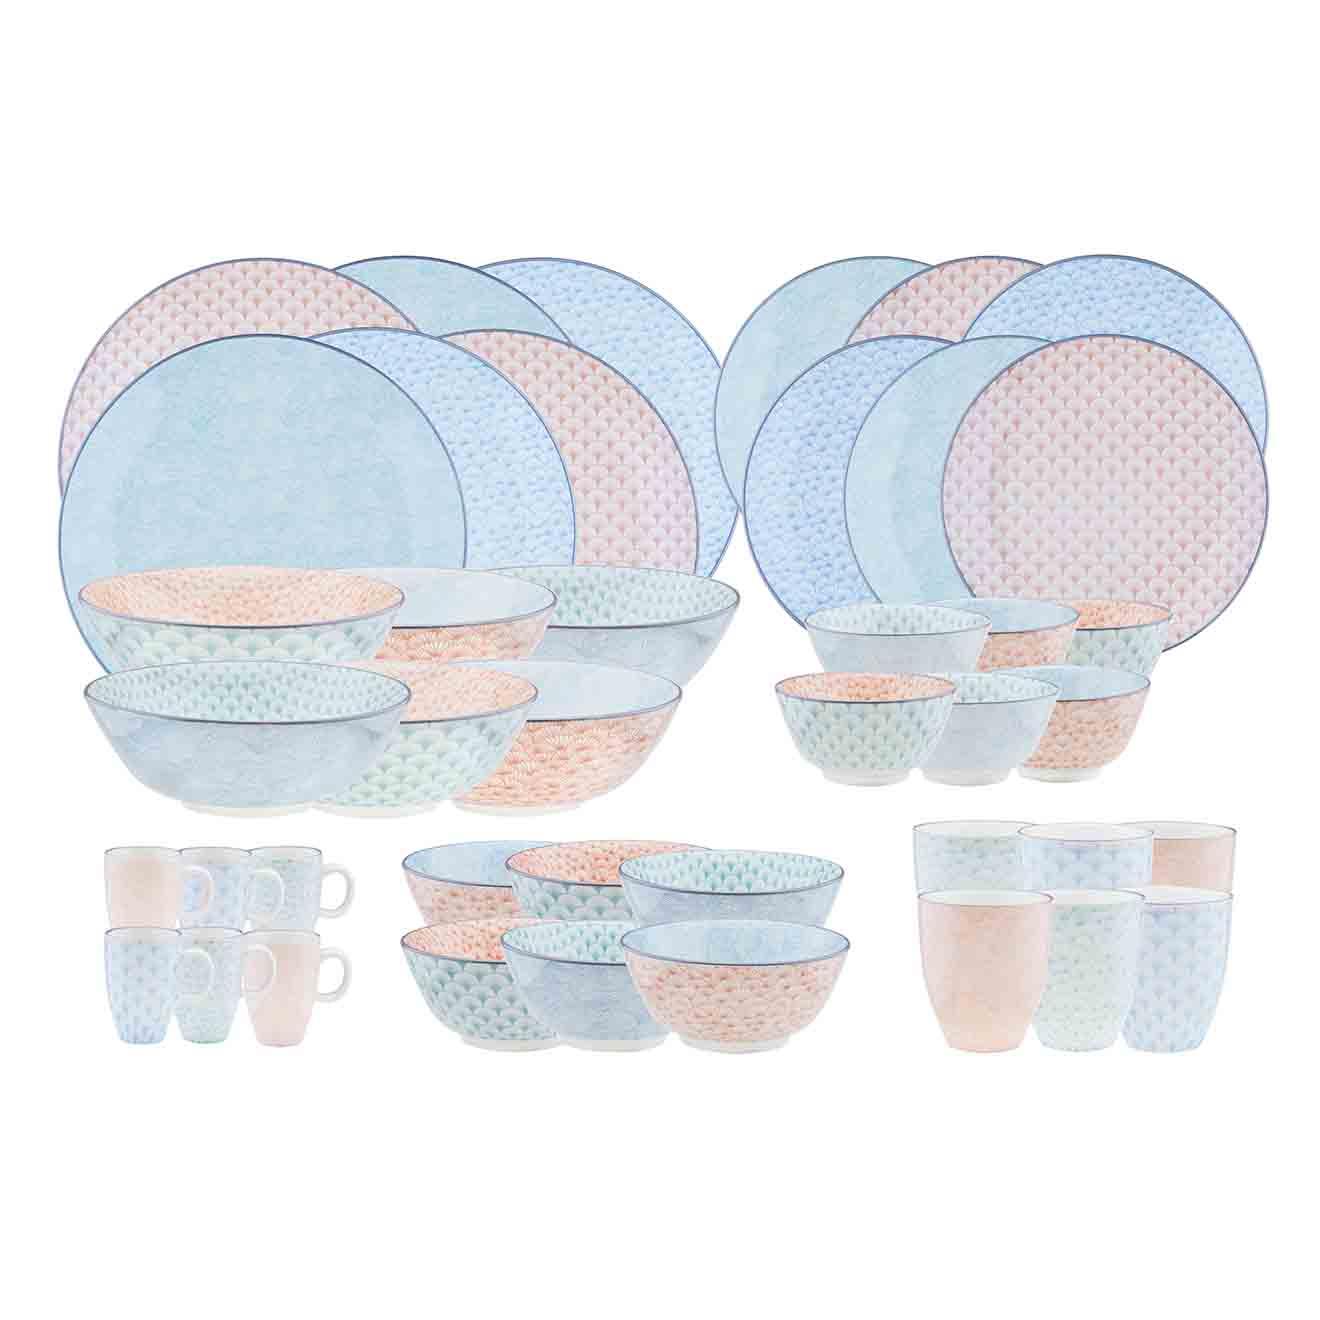 Service Complet Pastel rose pastel/bleu pastel/vert pastel - 42 pièces